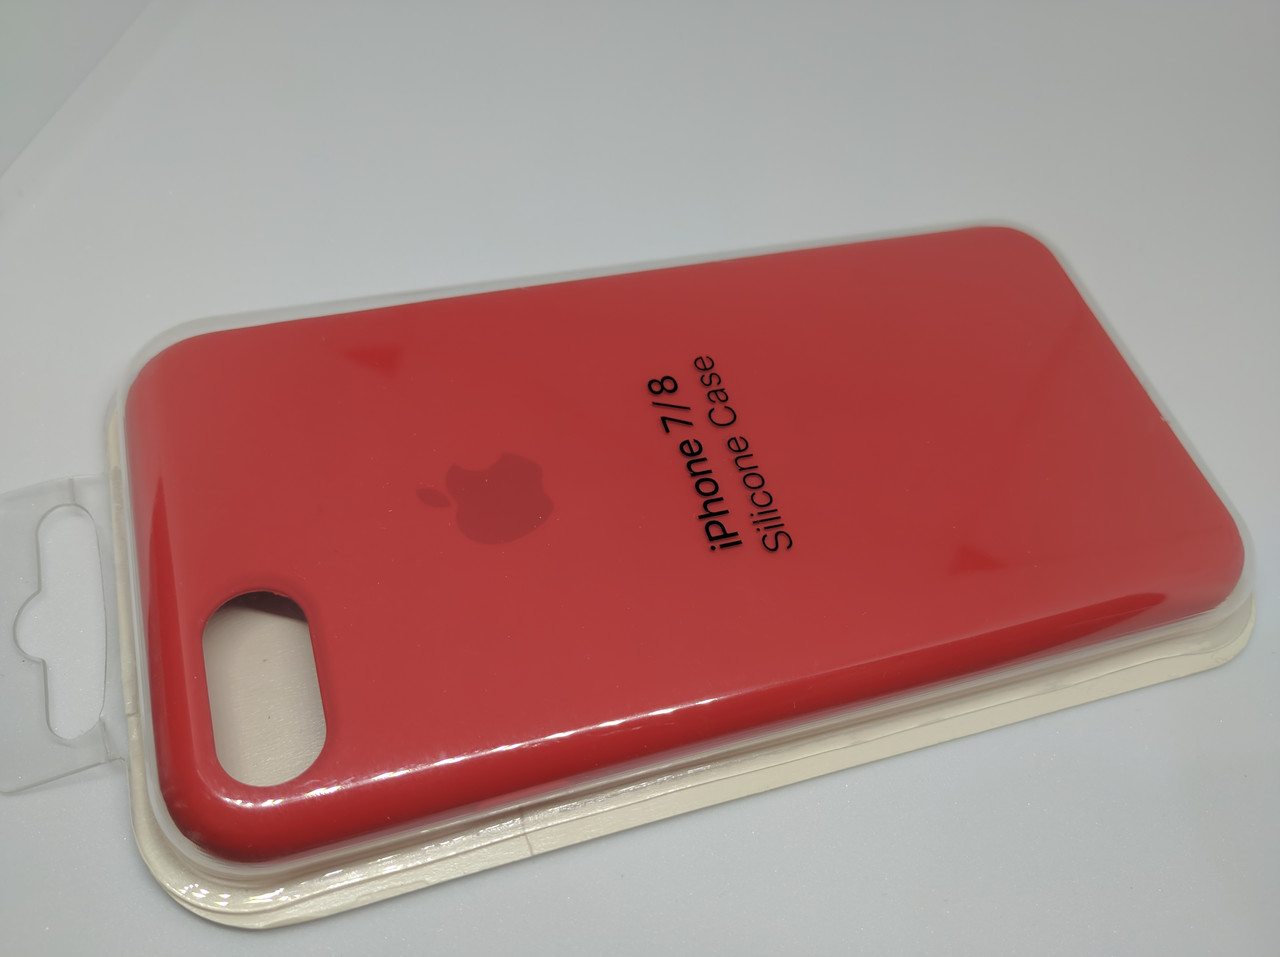 Силиконовый чехол накладка с оригинальным логотипом Apple Silicone Case для iPhone 7 / 8 Red Красный